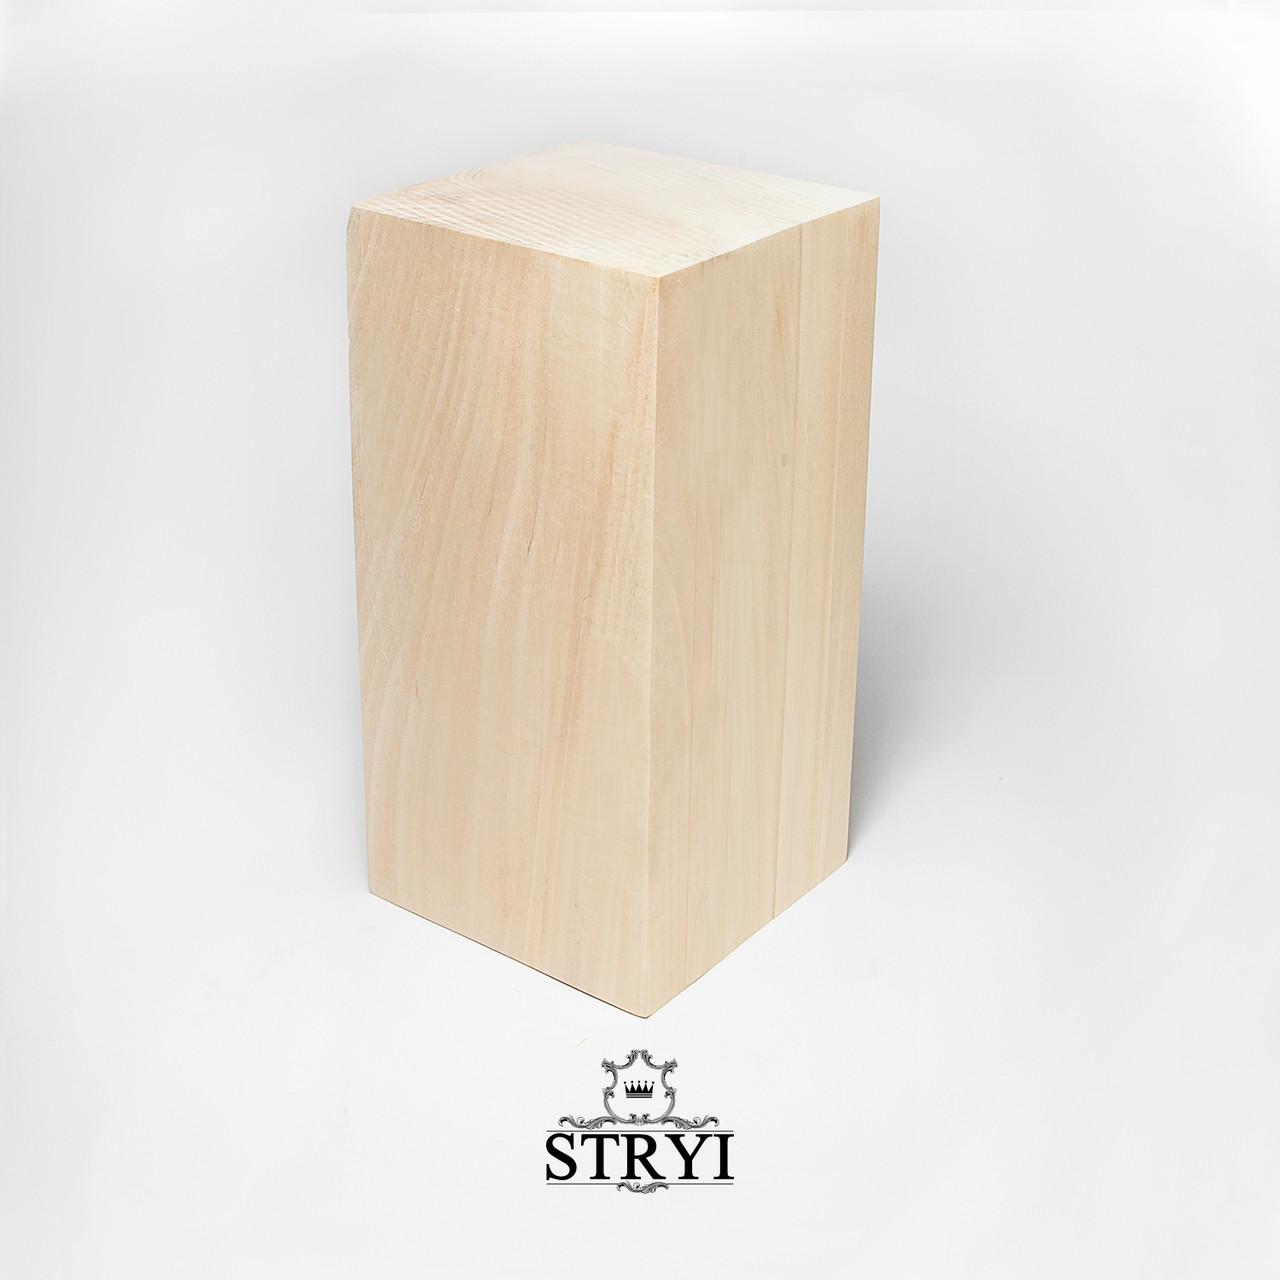 Заготовка бруса из липы 300*150*150, STRYI, для резьбы фигурок, статуэток и других изделий